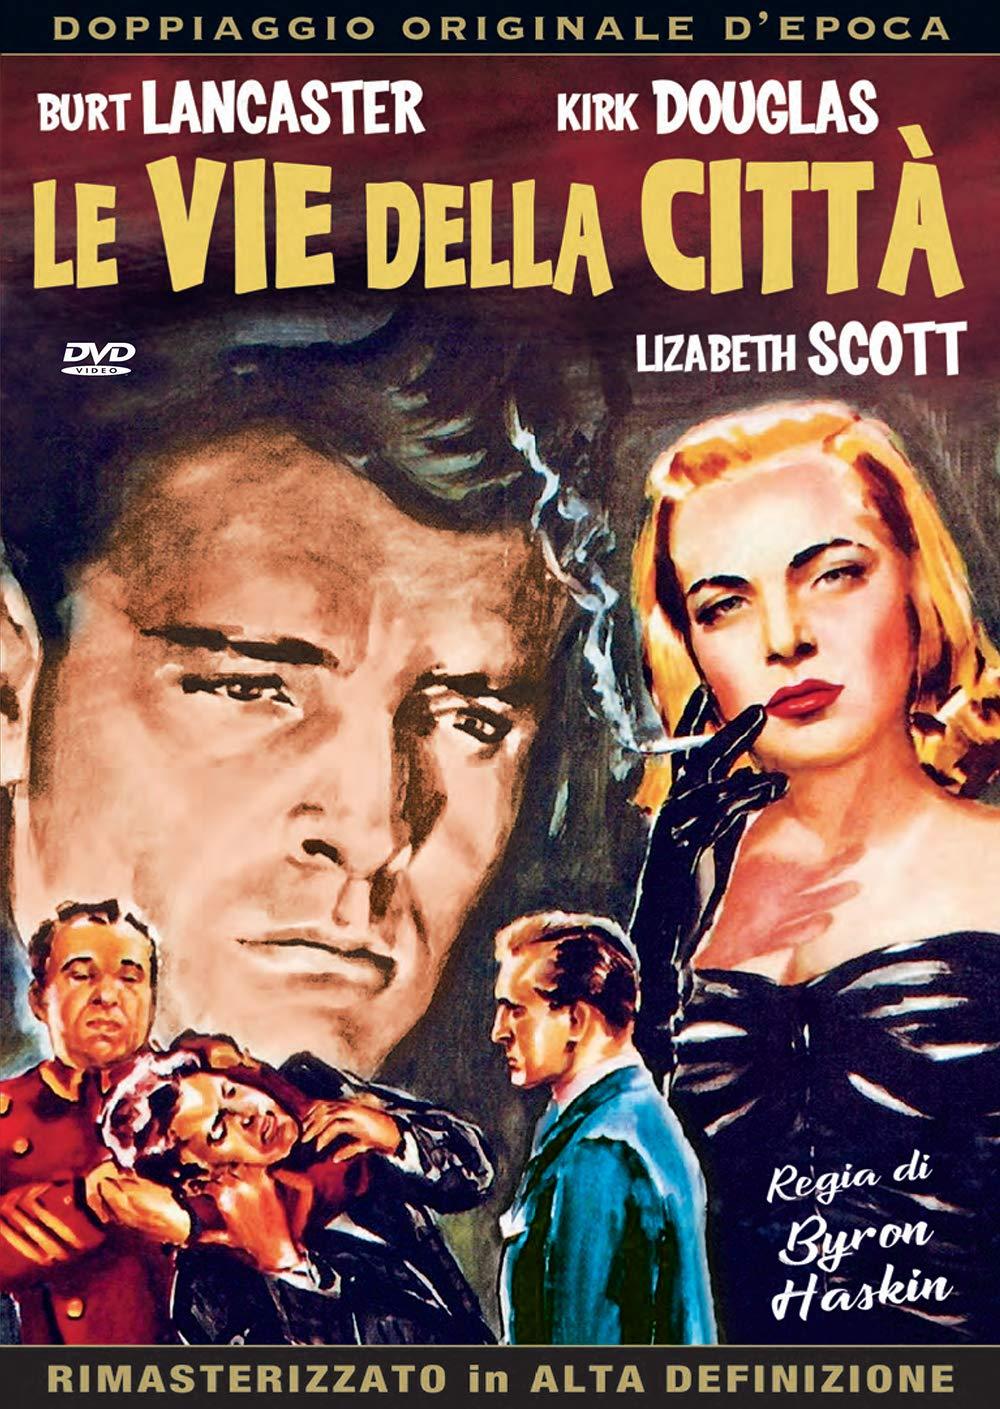 LA VIE DELLA CITTA' (DVD)